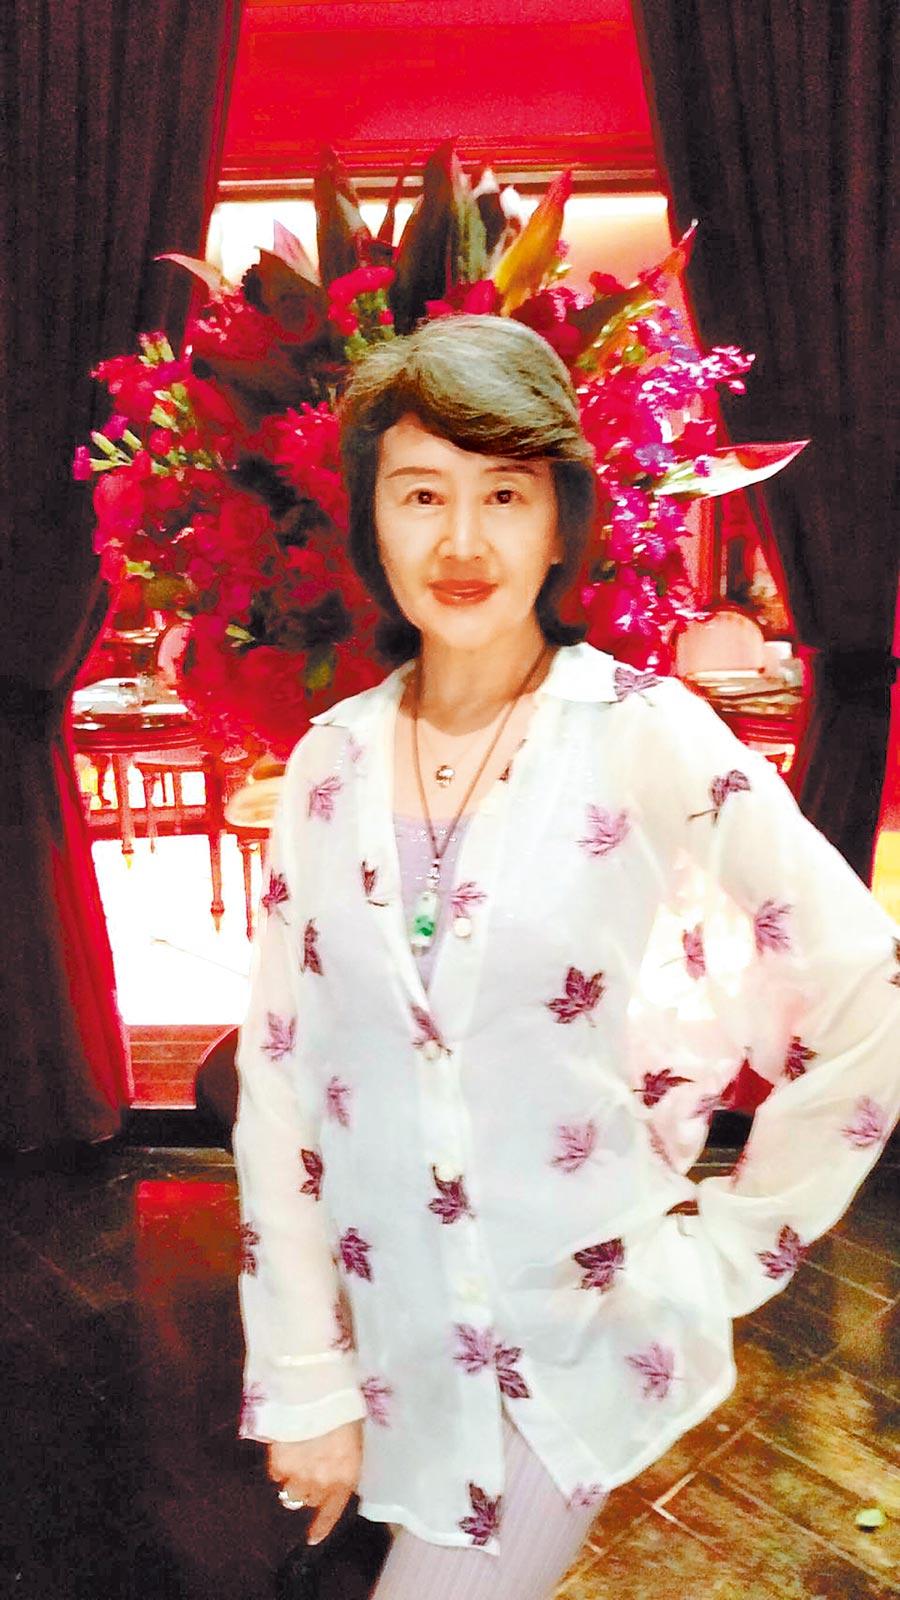 吳雪芬曾是玉女歌手,已息影15年。(吳雪芬提供)